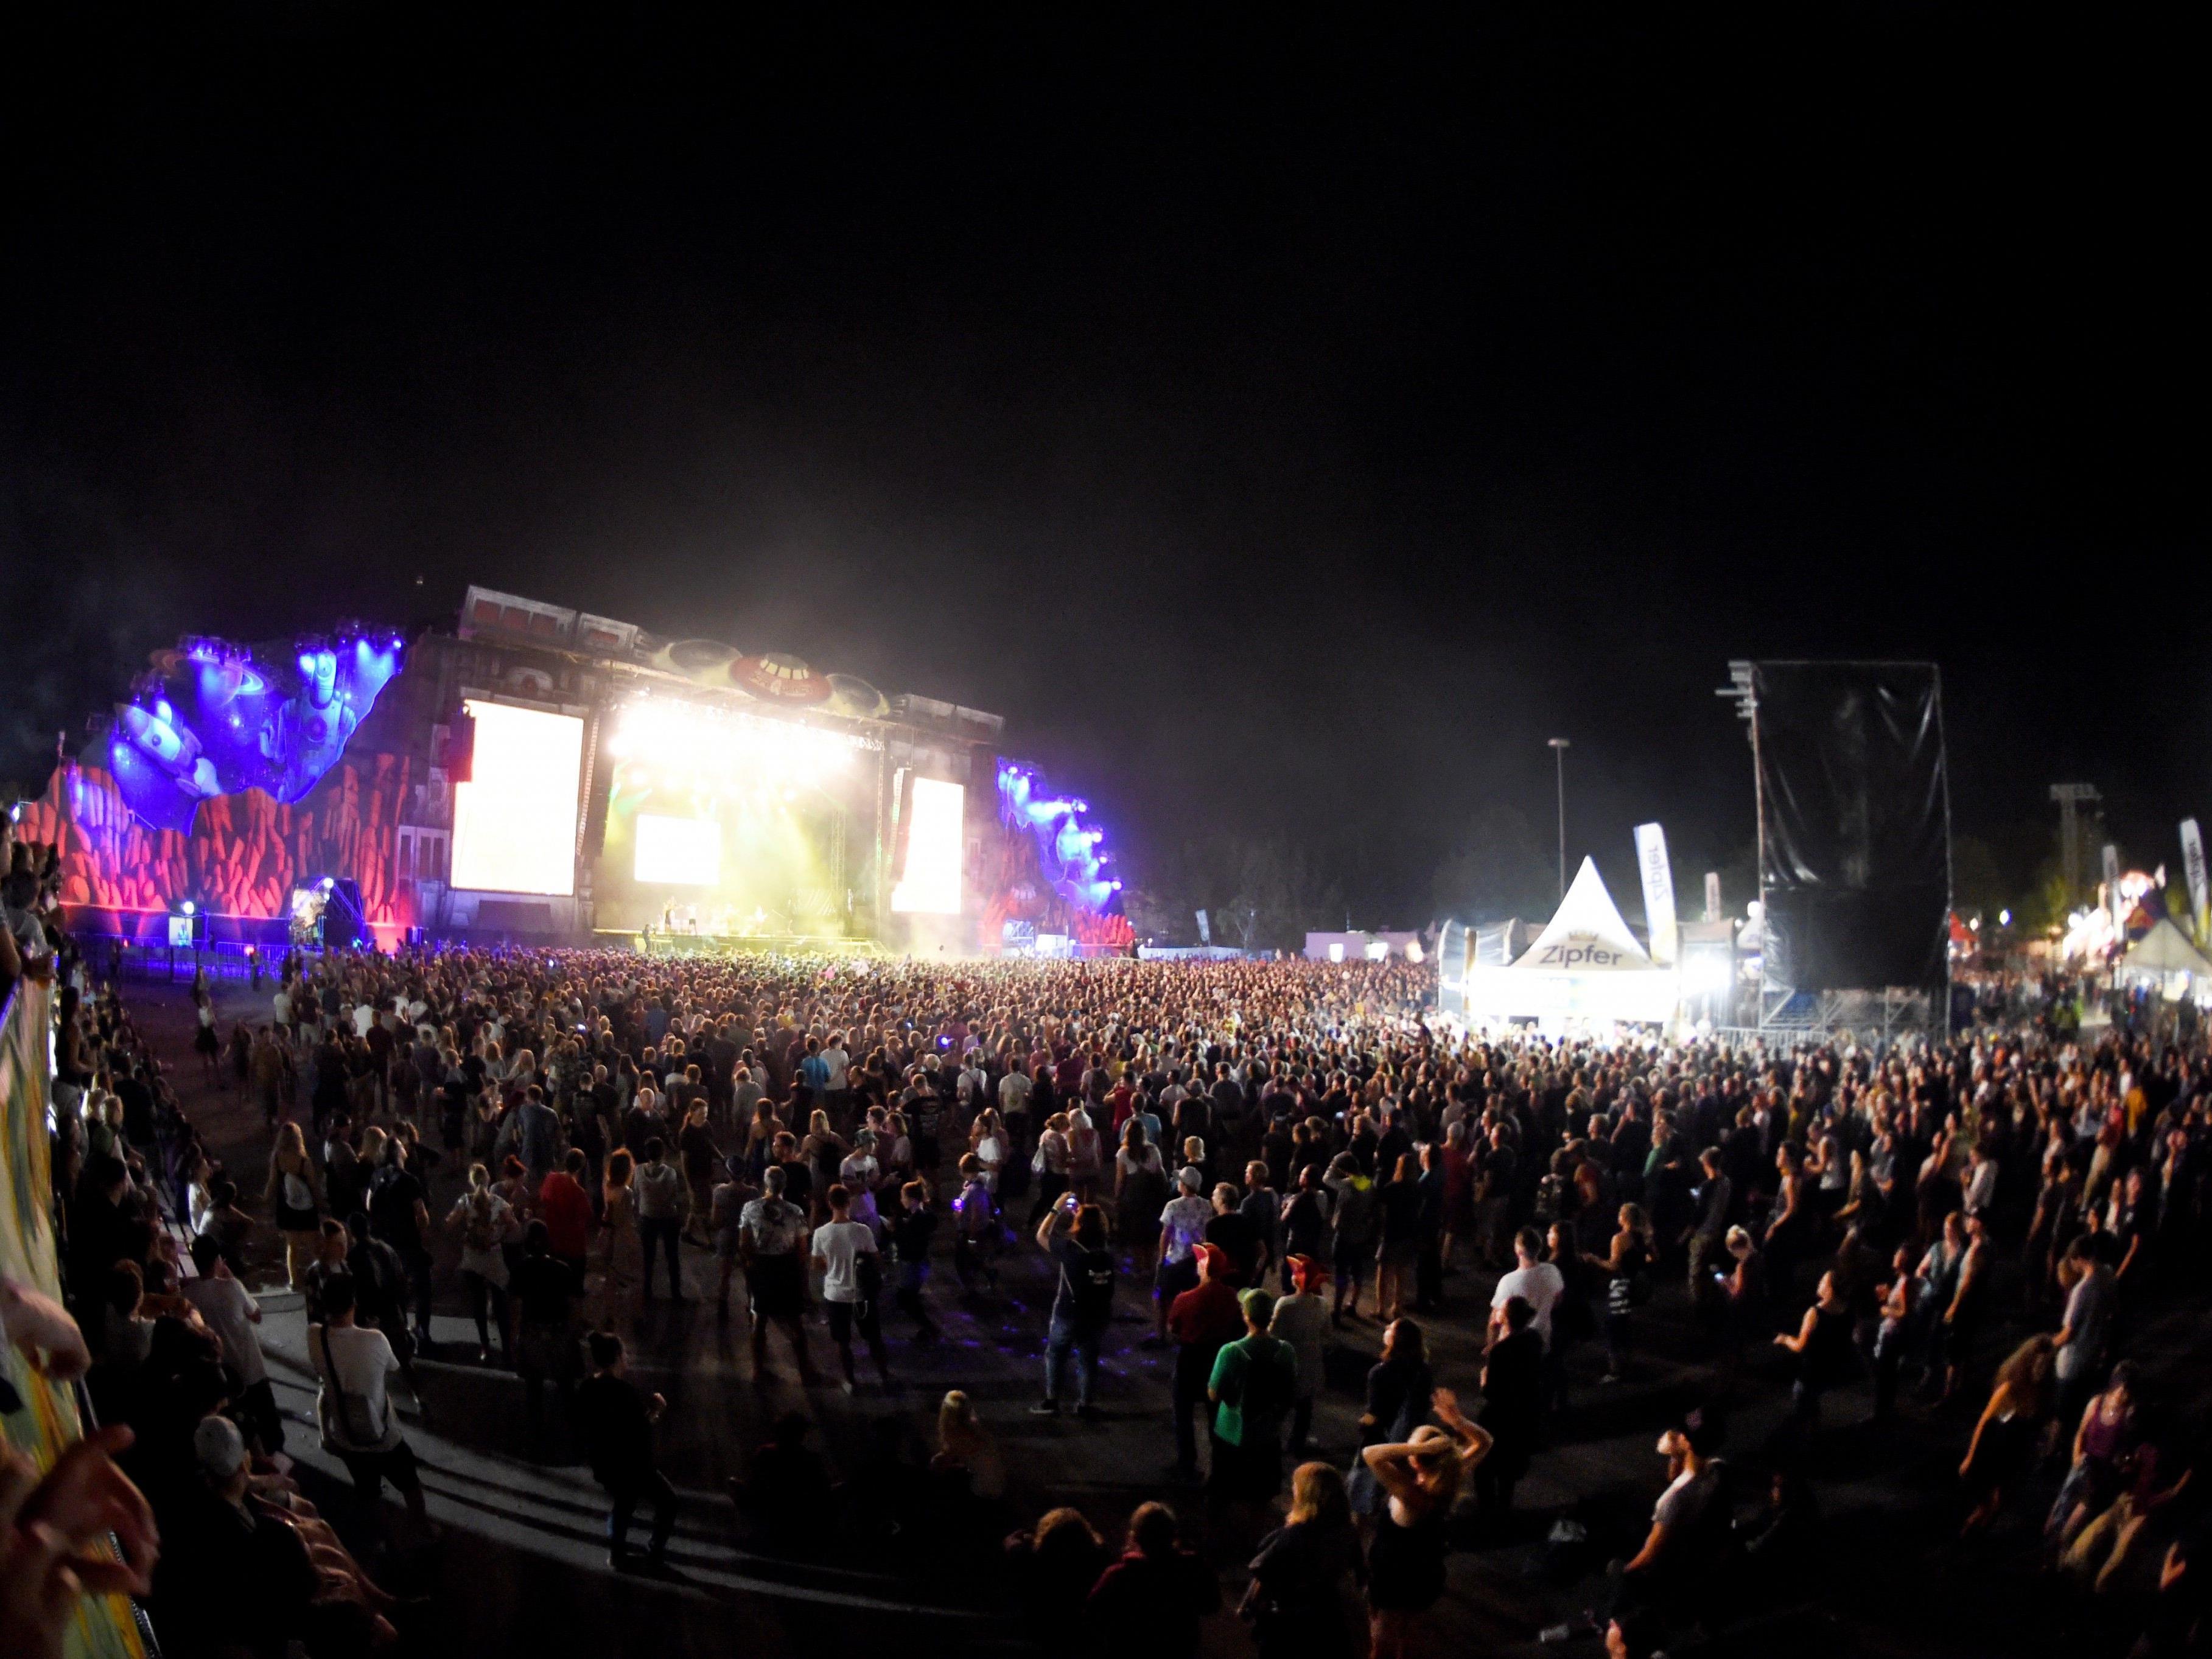 200.000 Besucher werden beim Frequency 2017 erwartet - mit Staus um das Festival muss gerechnet werden.